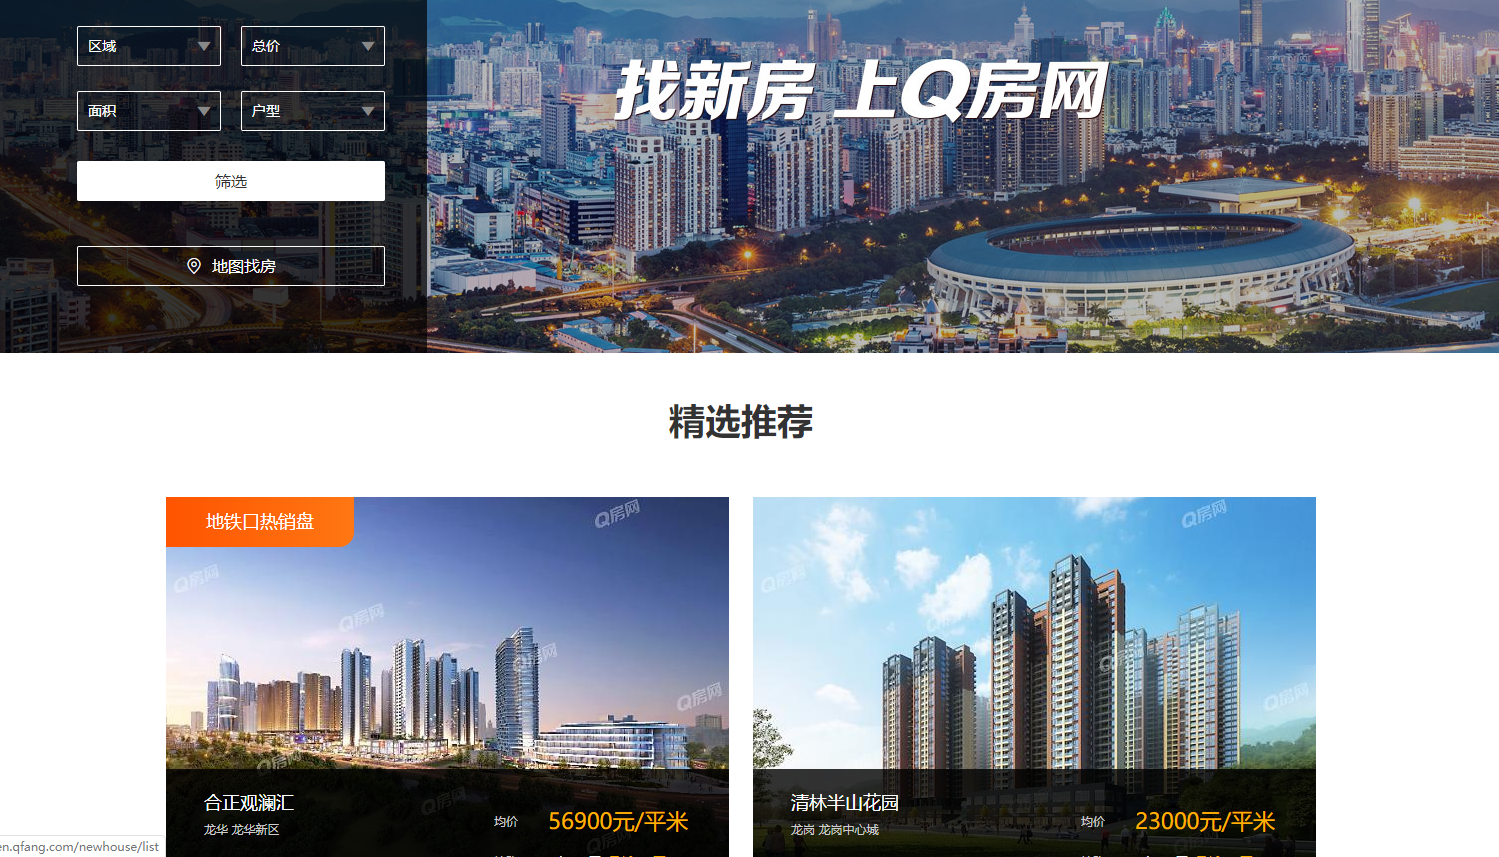 深圳的房价究竟有多高?爬取Q房网数据,有钱人真多